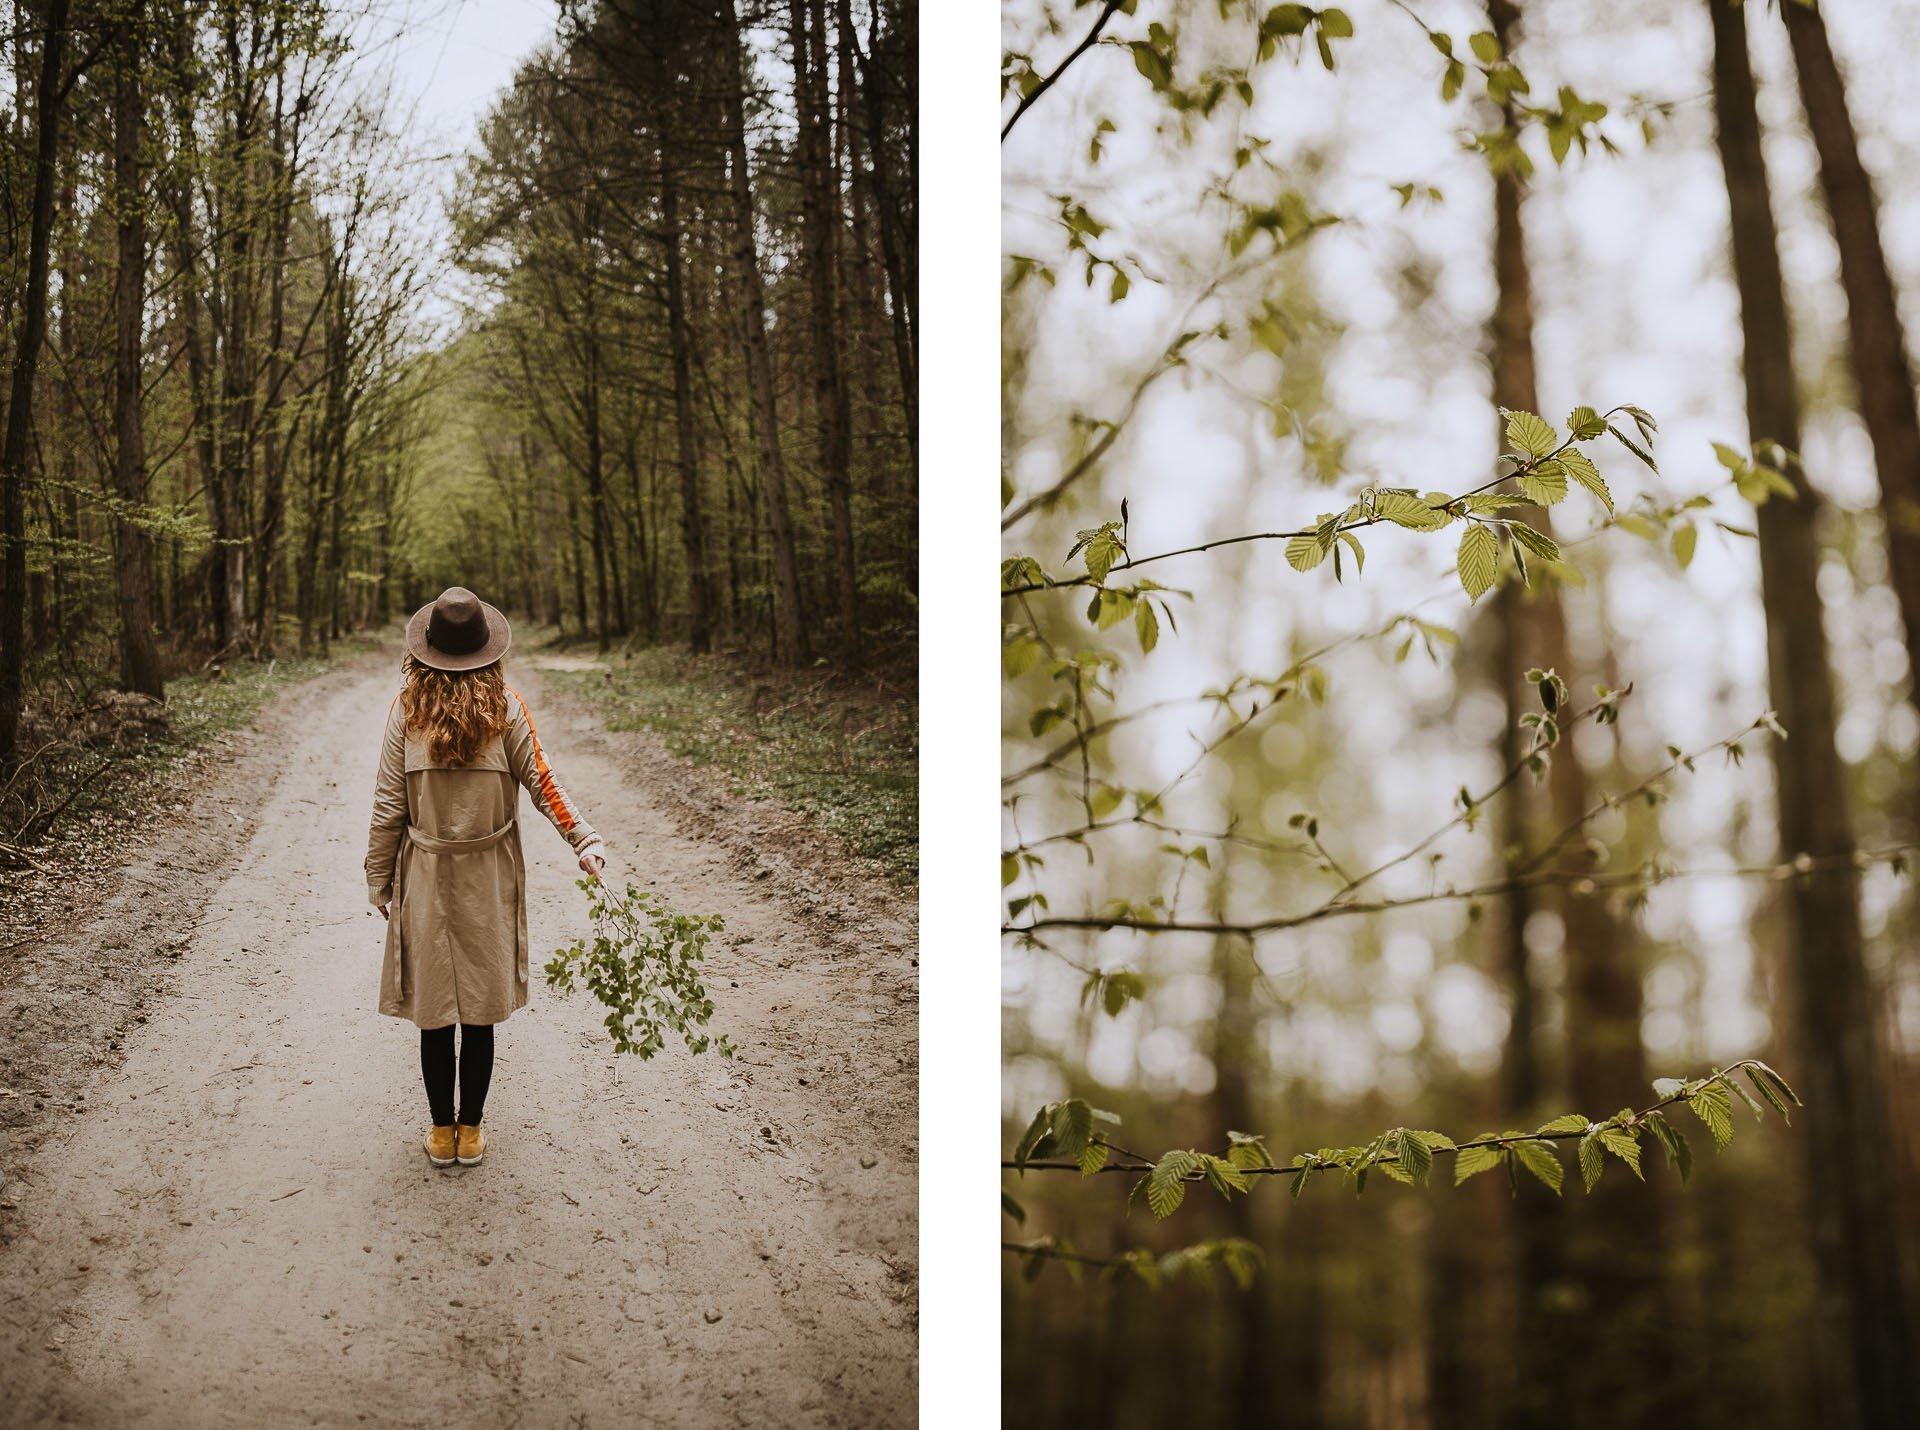 Wiosenne zdjęcia wlesie